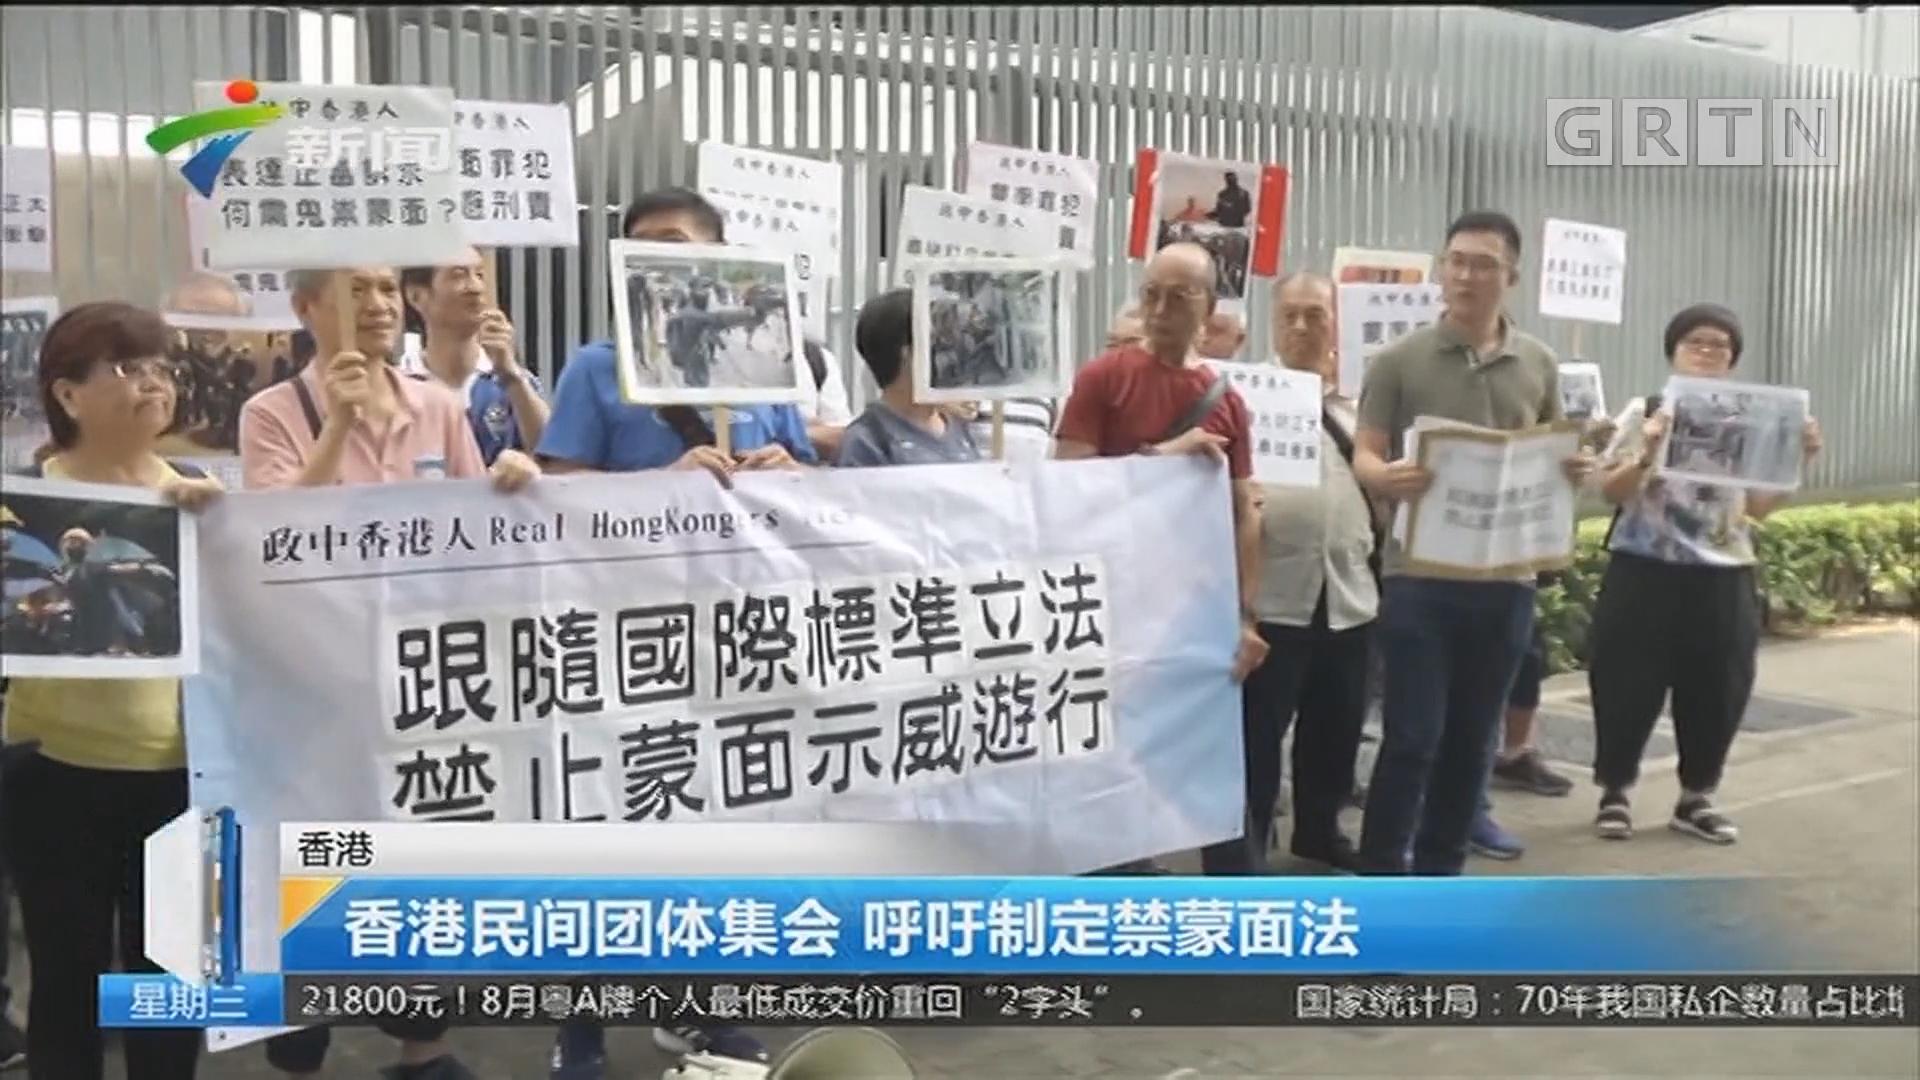 香港:香港民间团体集会 呼吁制定禁蒙面法